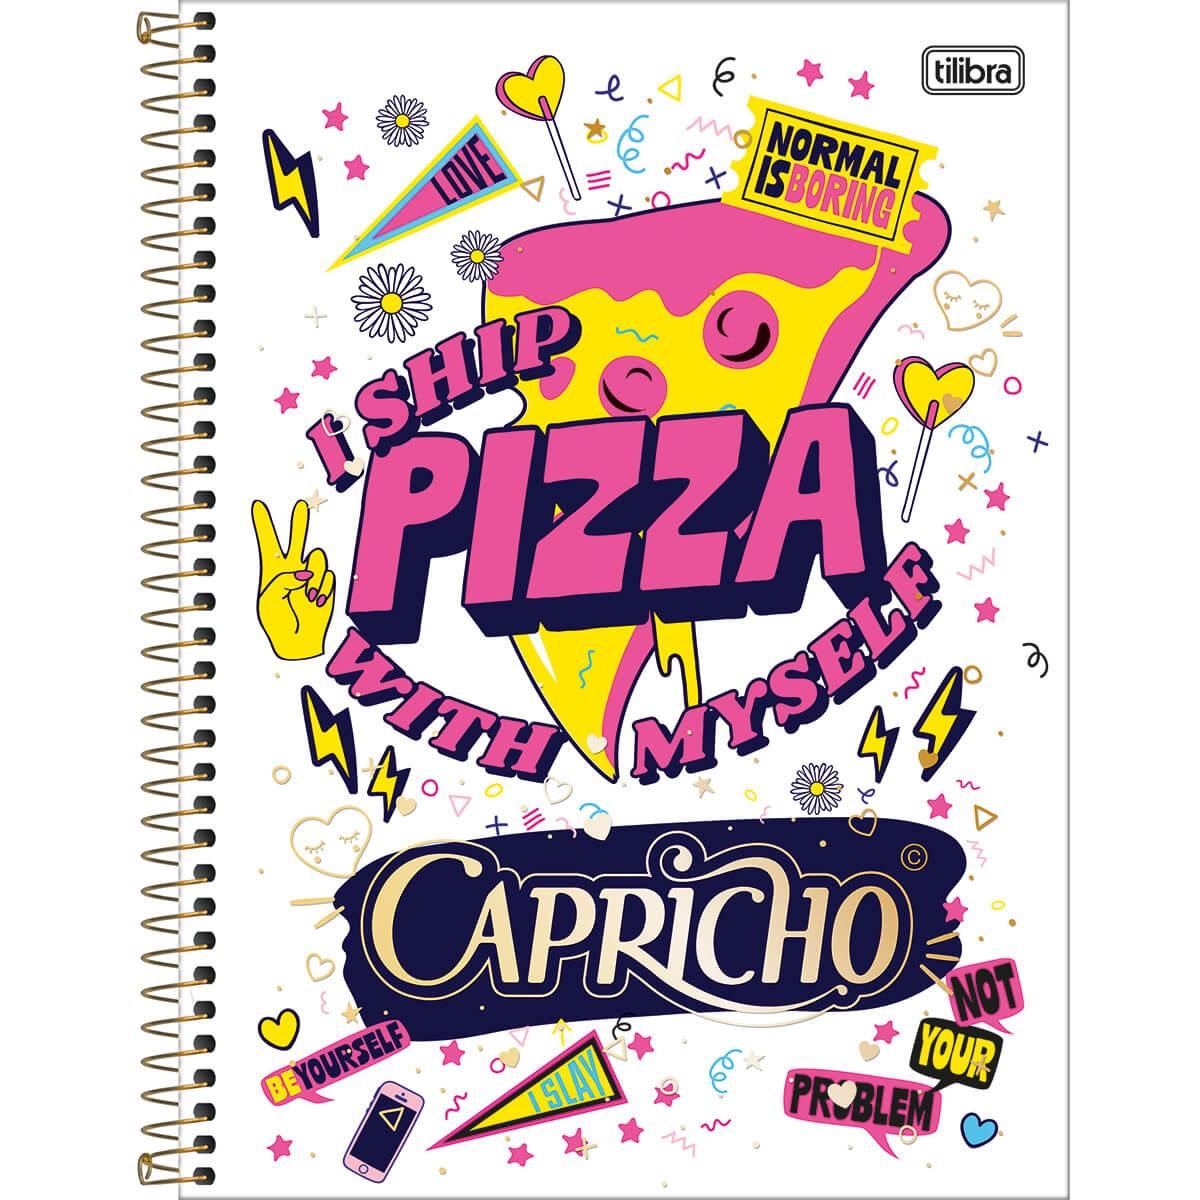 Caderno Espiral Capa Dura Universitário 16 Matérias Capricho 320 Folhas -  Sortido 1330f000d211e